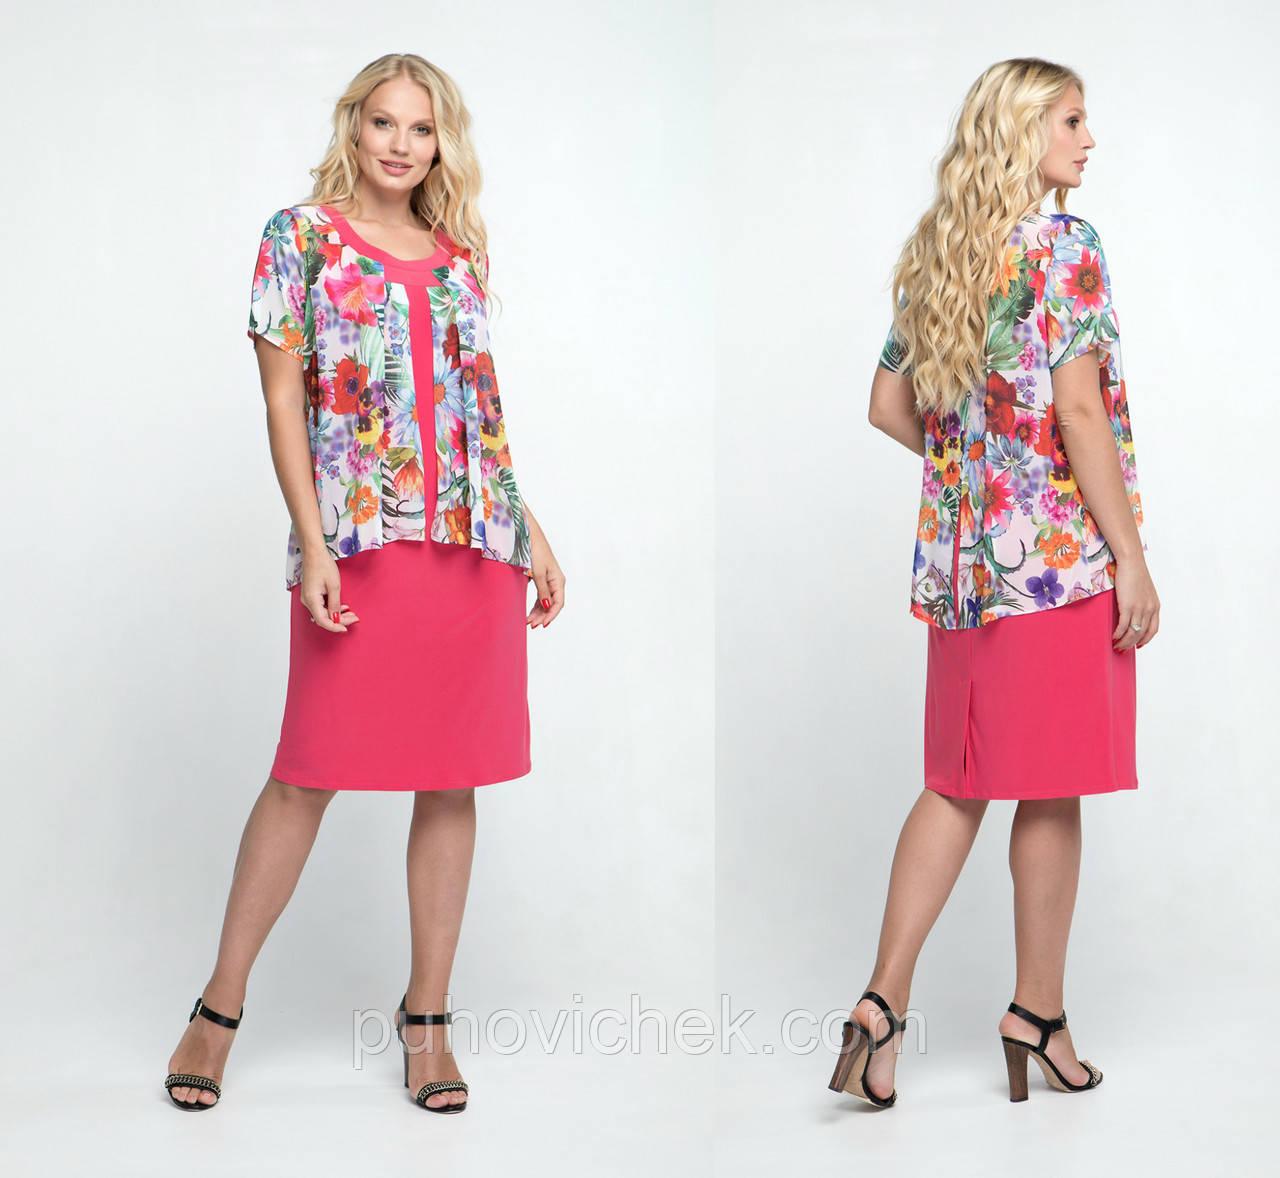 Нарядное женское платье летнее больших размеров модное